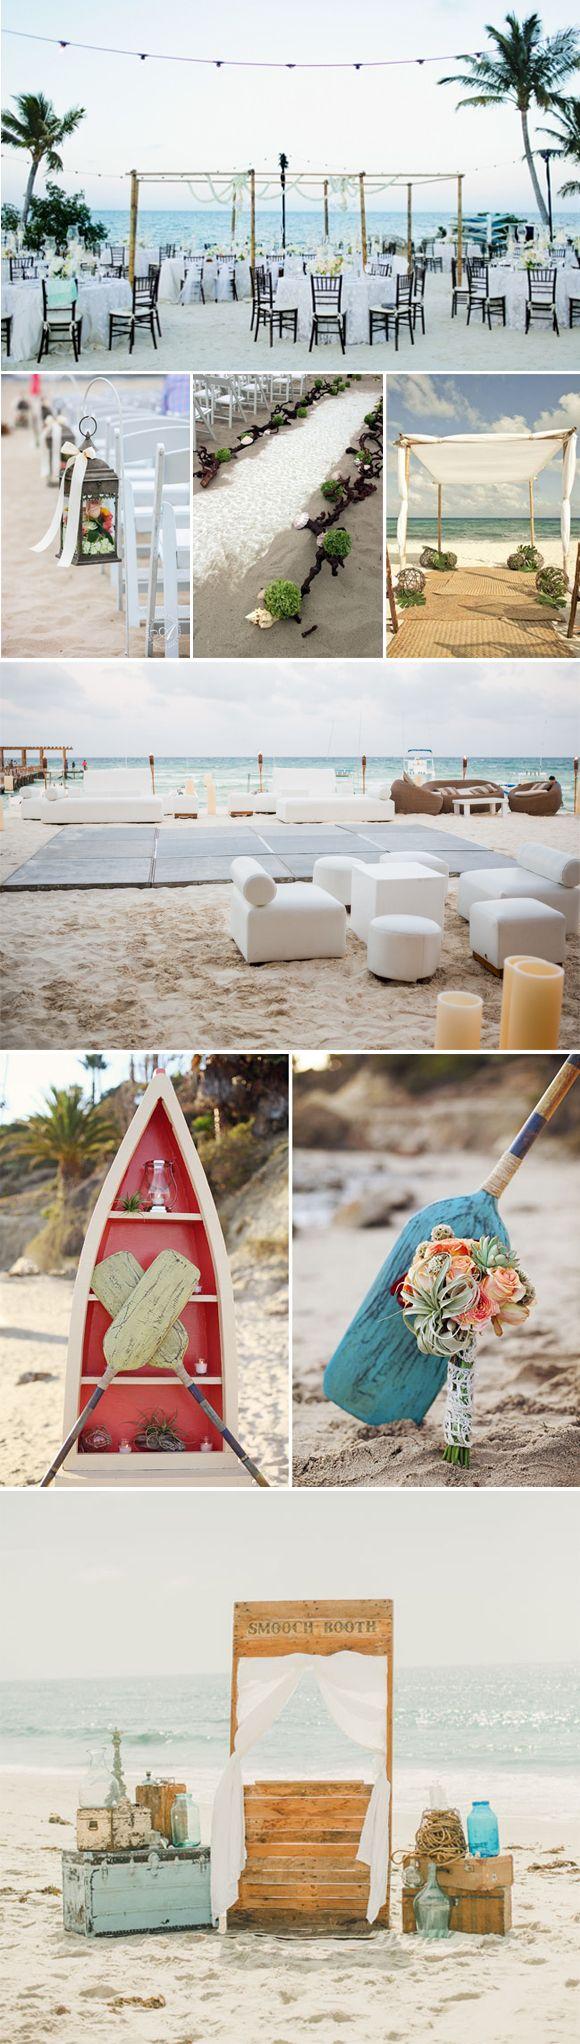 Decoracion de bodas en la playa ideas geniales para los - Decoracion boda playa ...